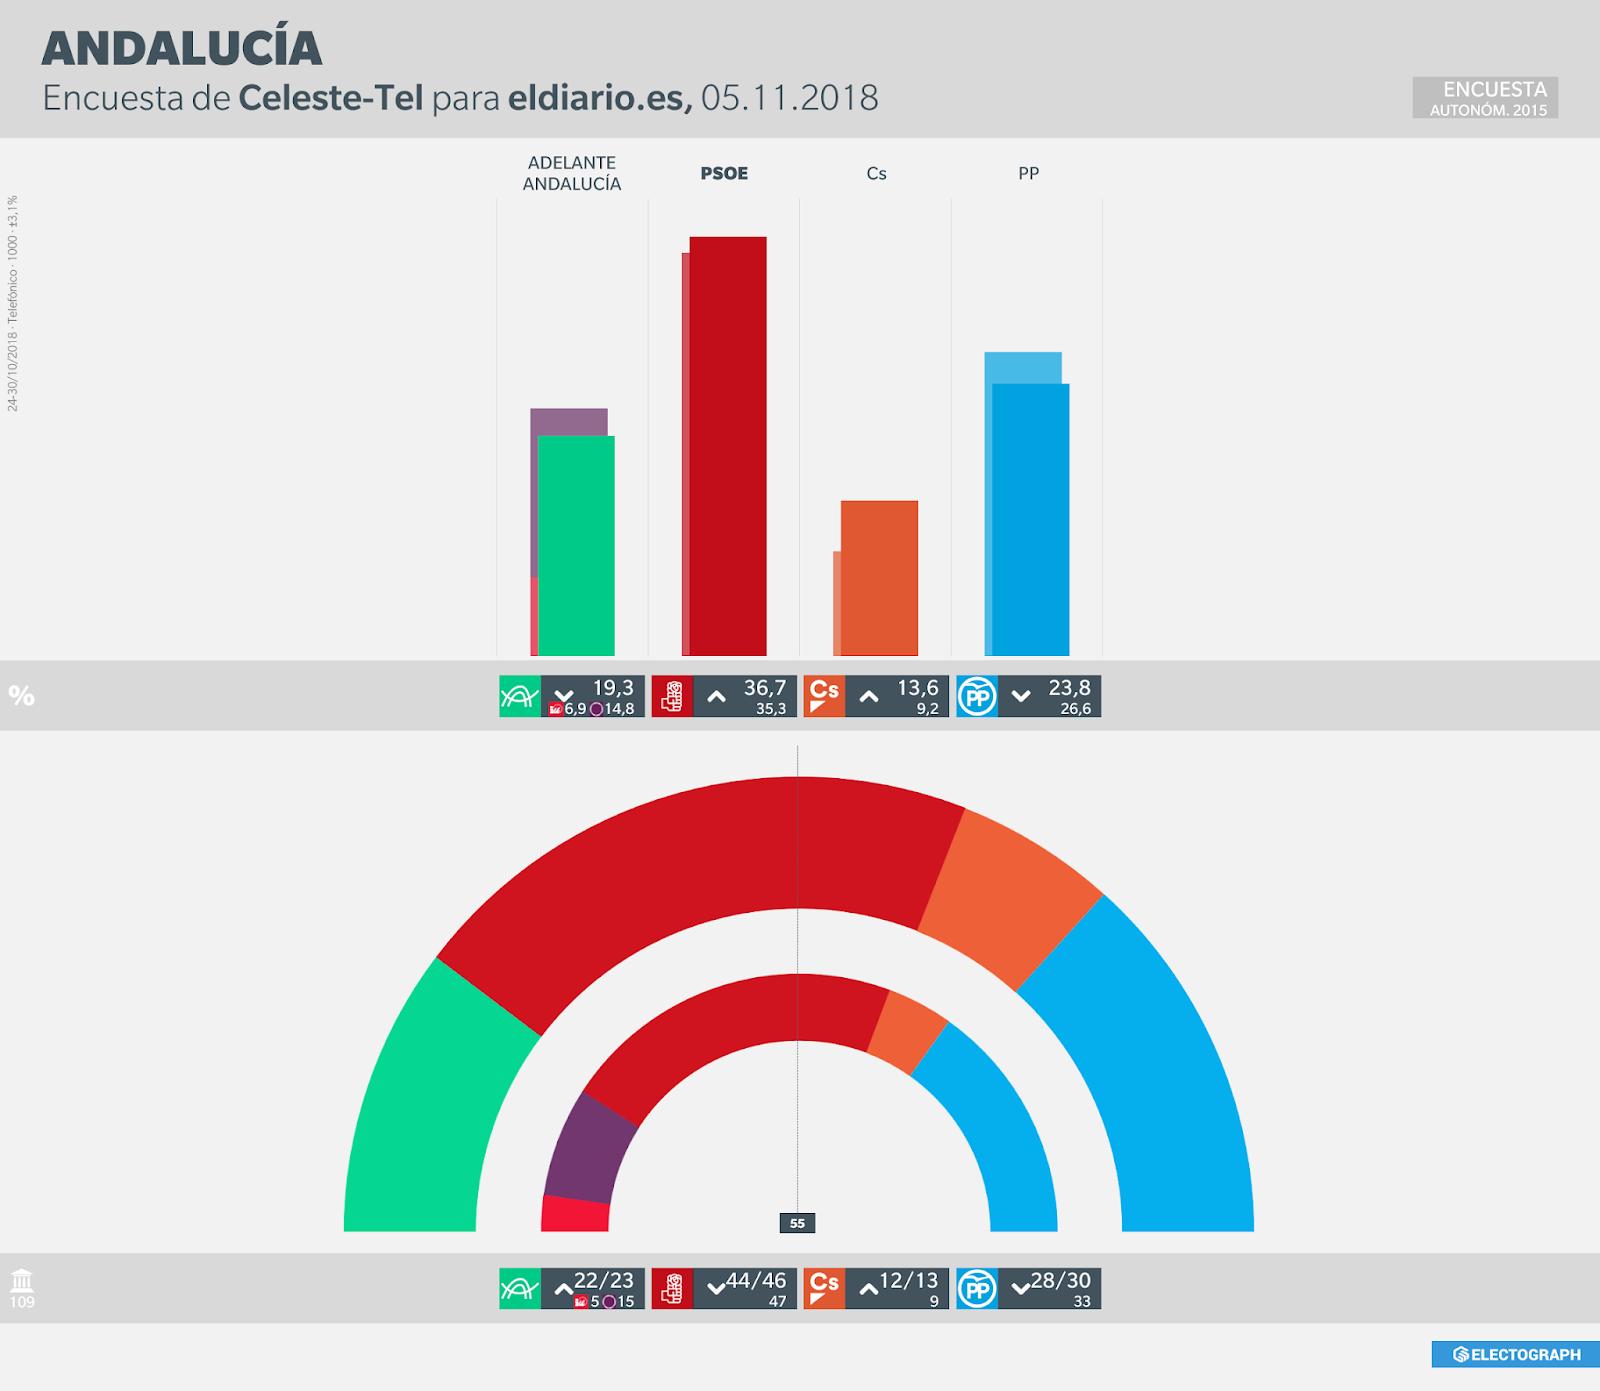 Gráfico de la encuesta para elecciones autonómicas en Andalucía realizada por Celeste-Tel para eldiario.es en octubre de 2018